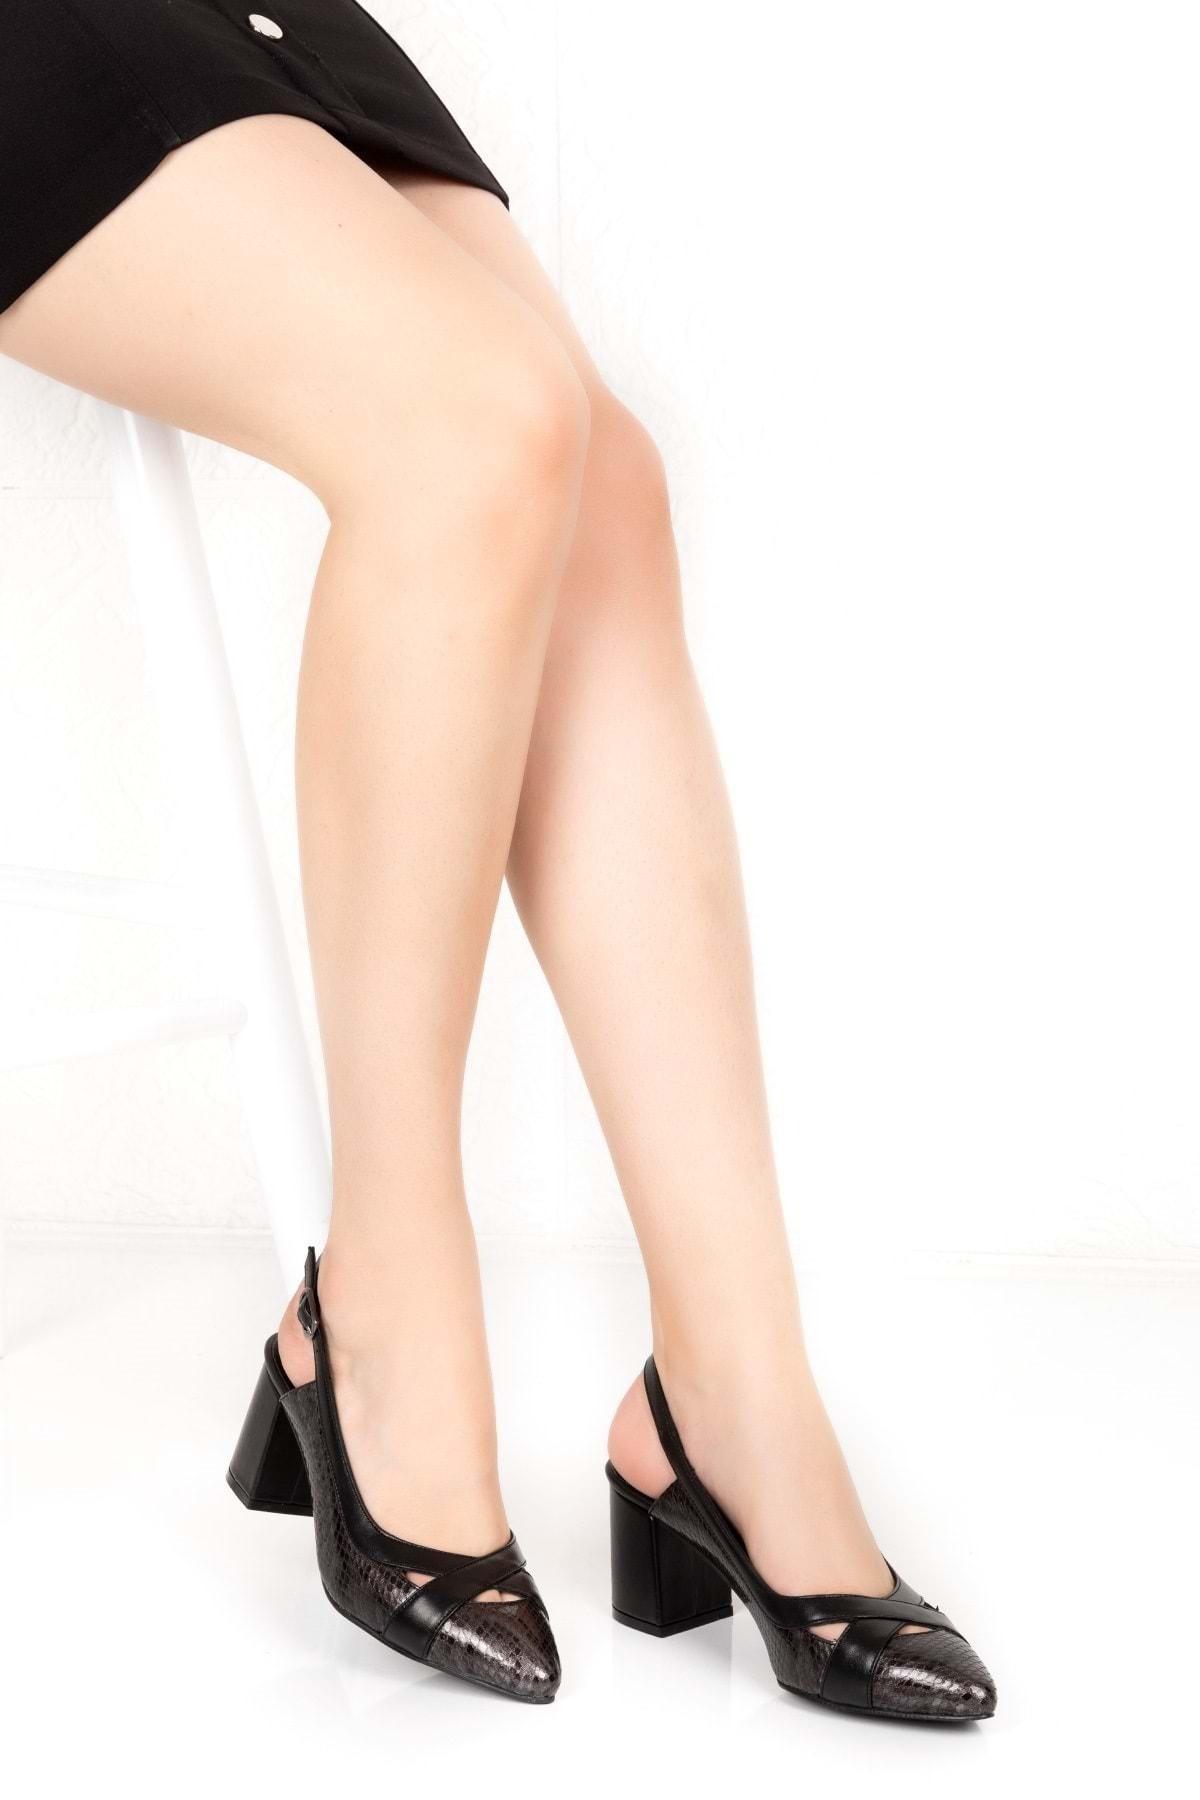 Kadın Siyah Çelik Hakiki Deri Yılan Desen Ayrıntılı Topuklu Ayakkabı Şhn.0738 -- 38